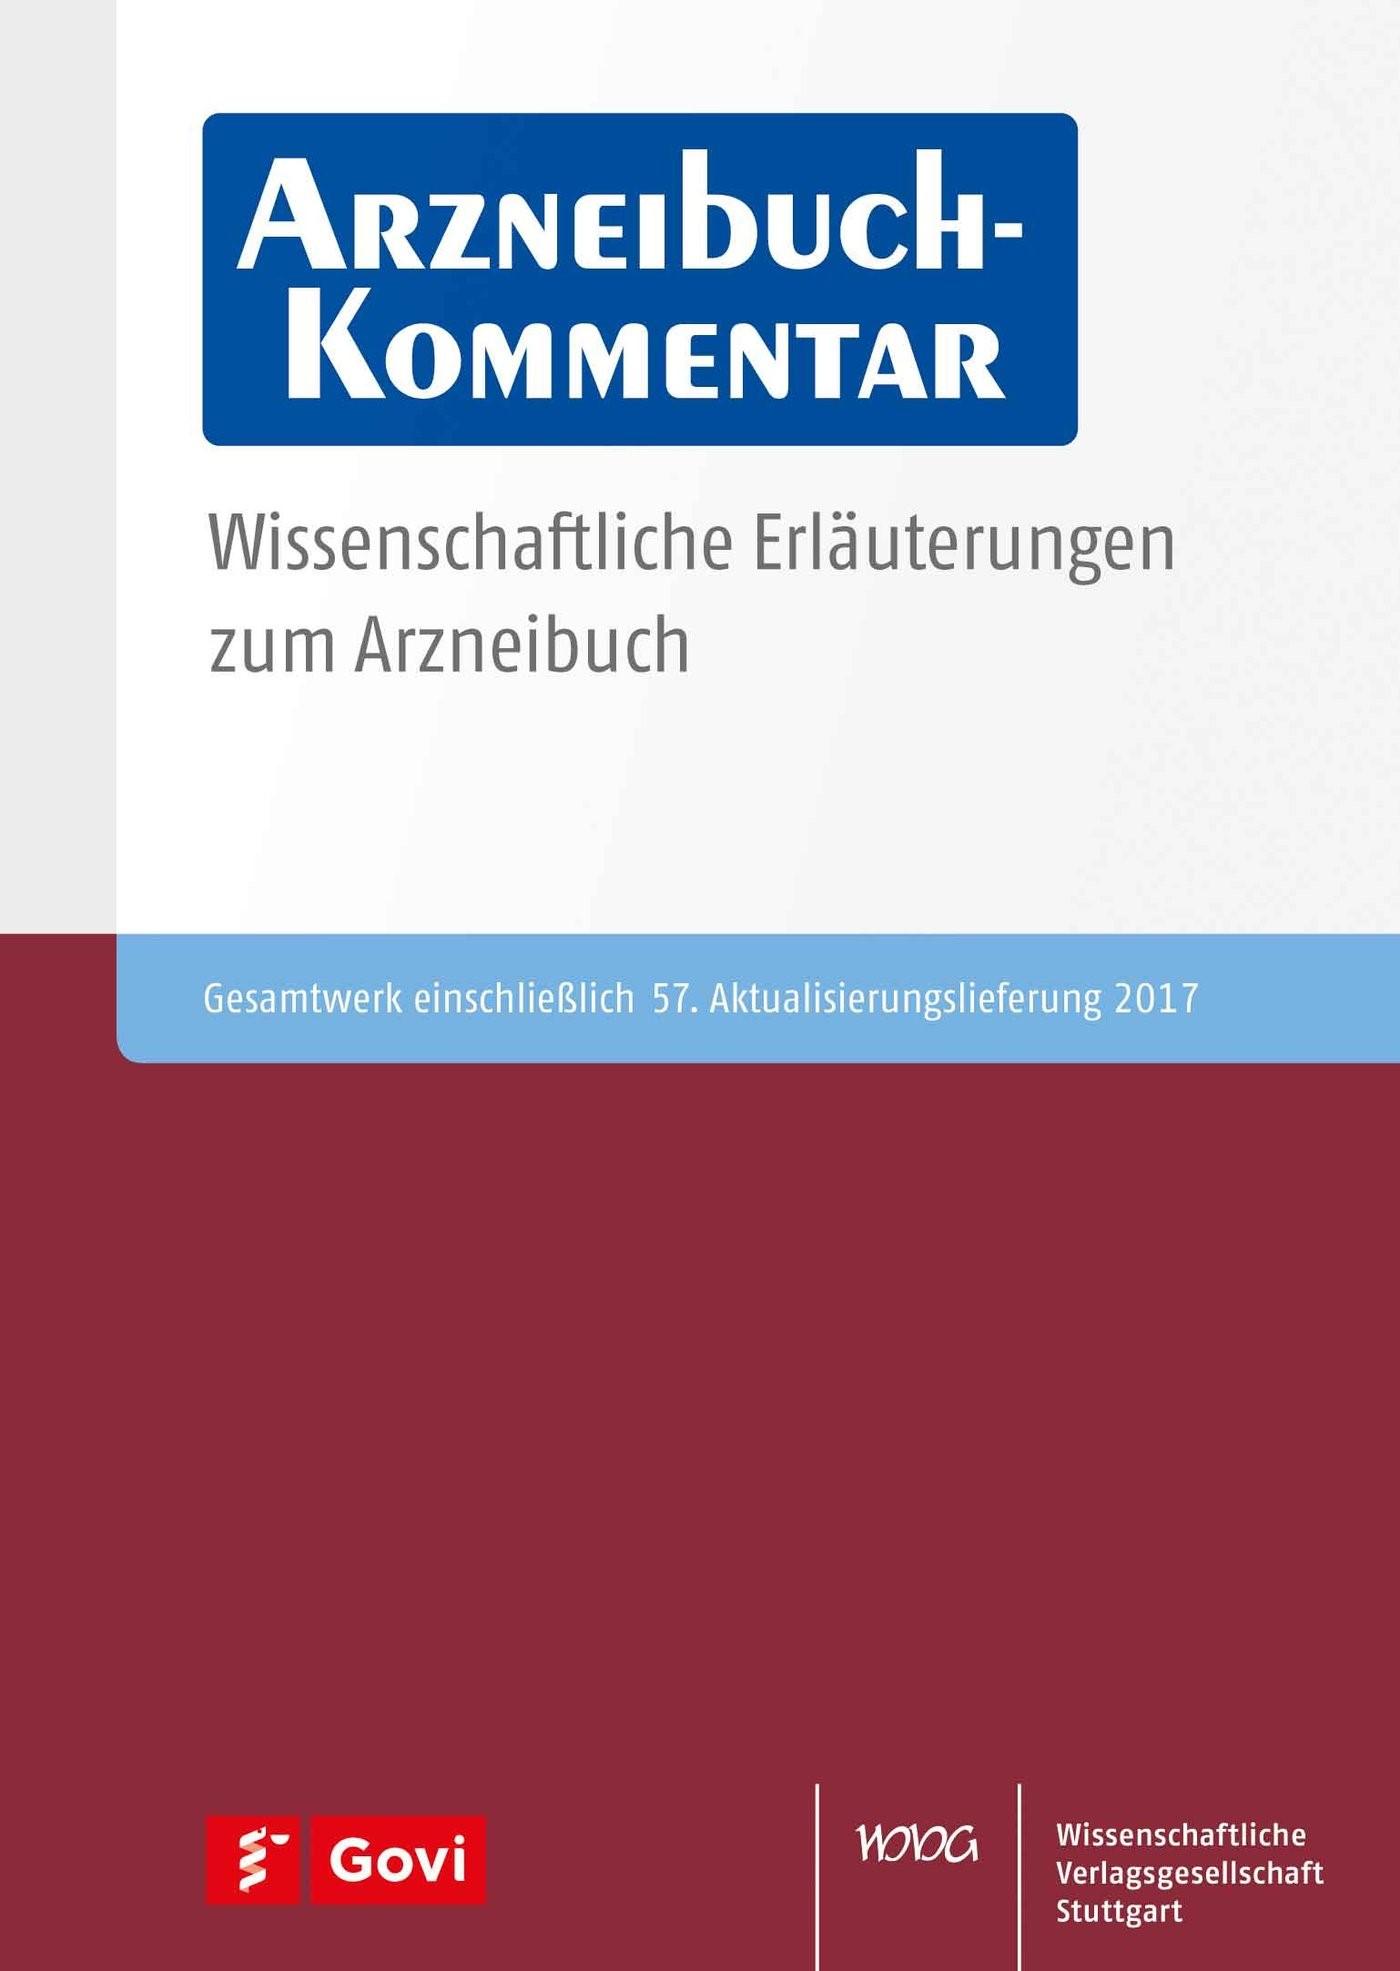 Arzneibuch-Kommentar DVD/Online VOL 57 | Bracher / Heisig / Langguth / Mutschler / Rücker / Schirmeister / Scriba / Stahl-Biskup / Troschütz, 2018 (Cover)